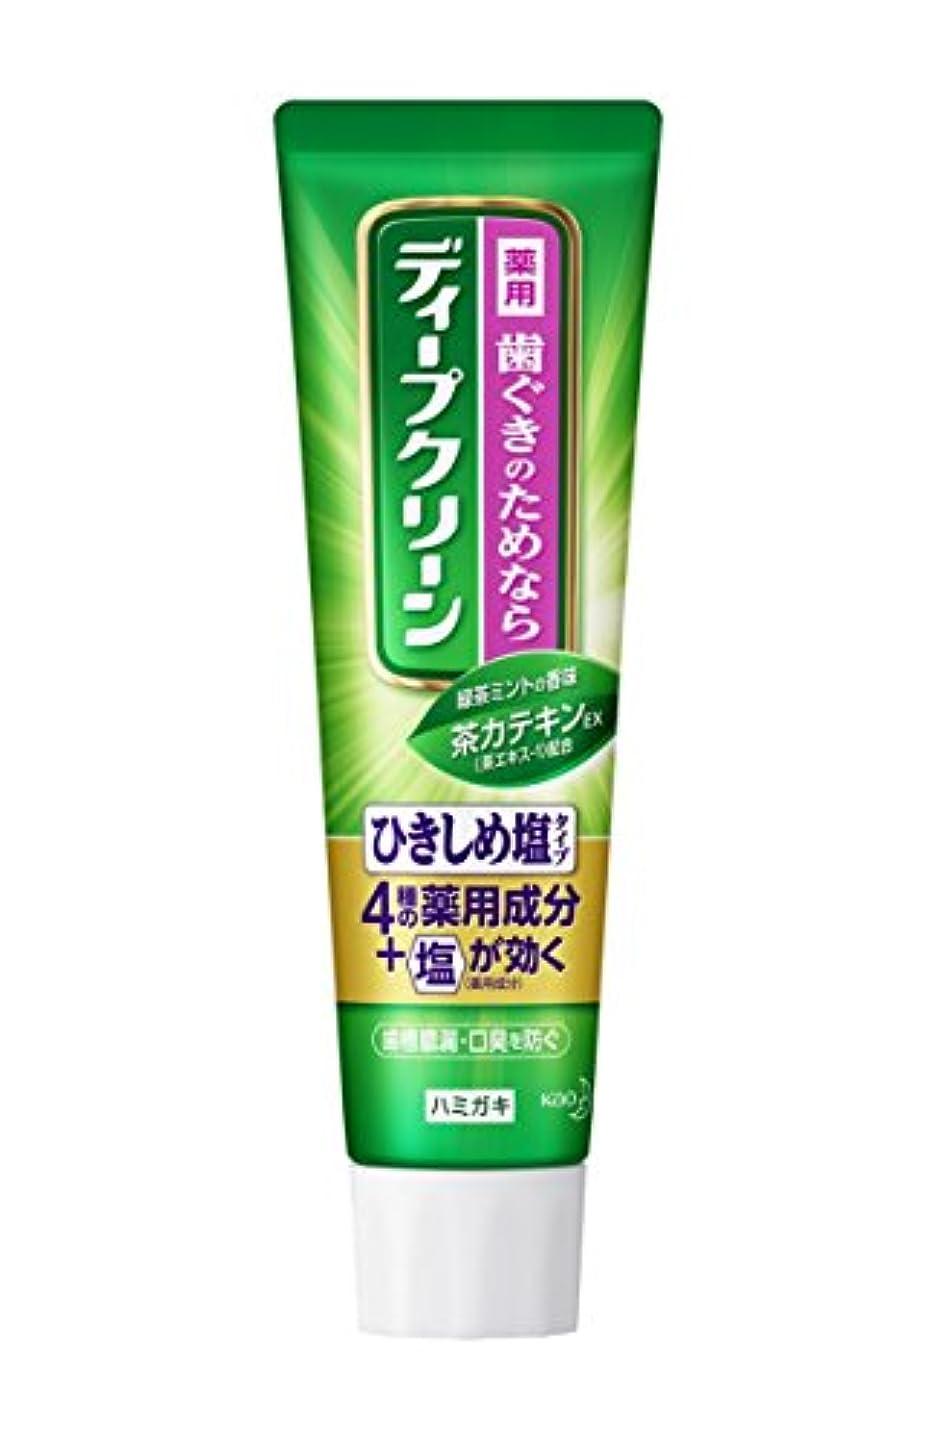 クアッガバック血ディープクリーン 薬用ハミガキ ひきしめ塩 100g